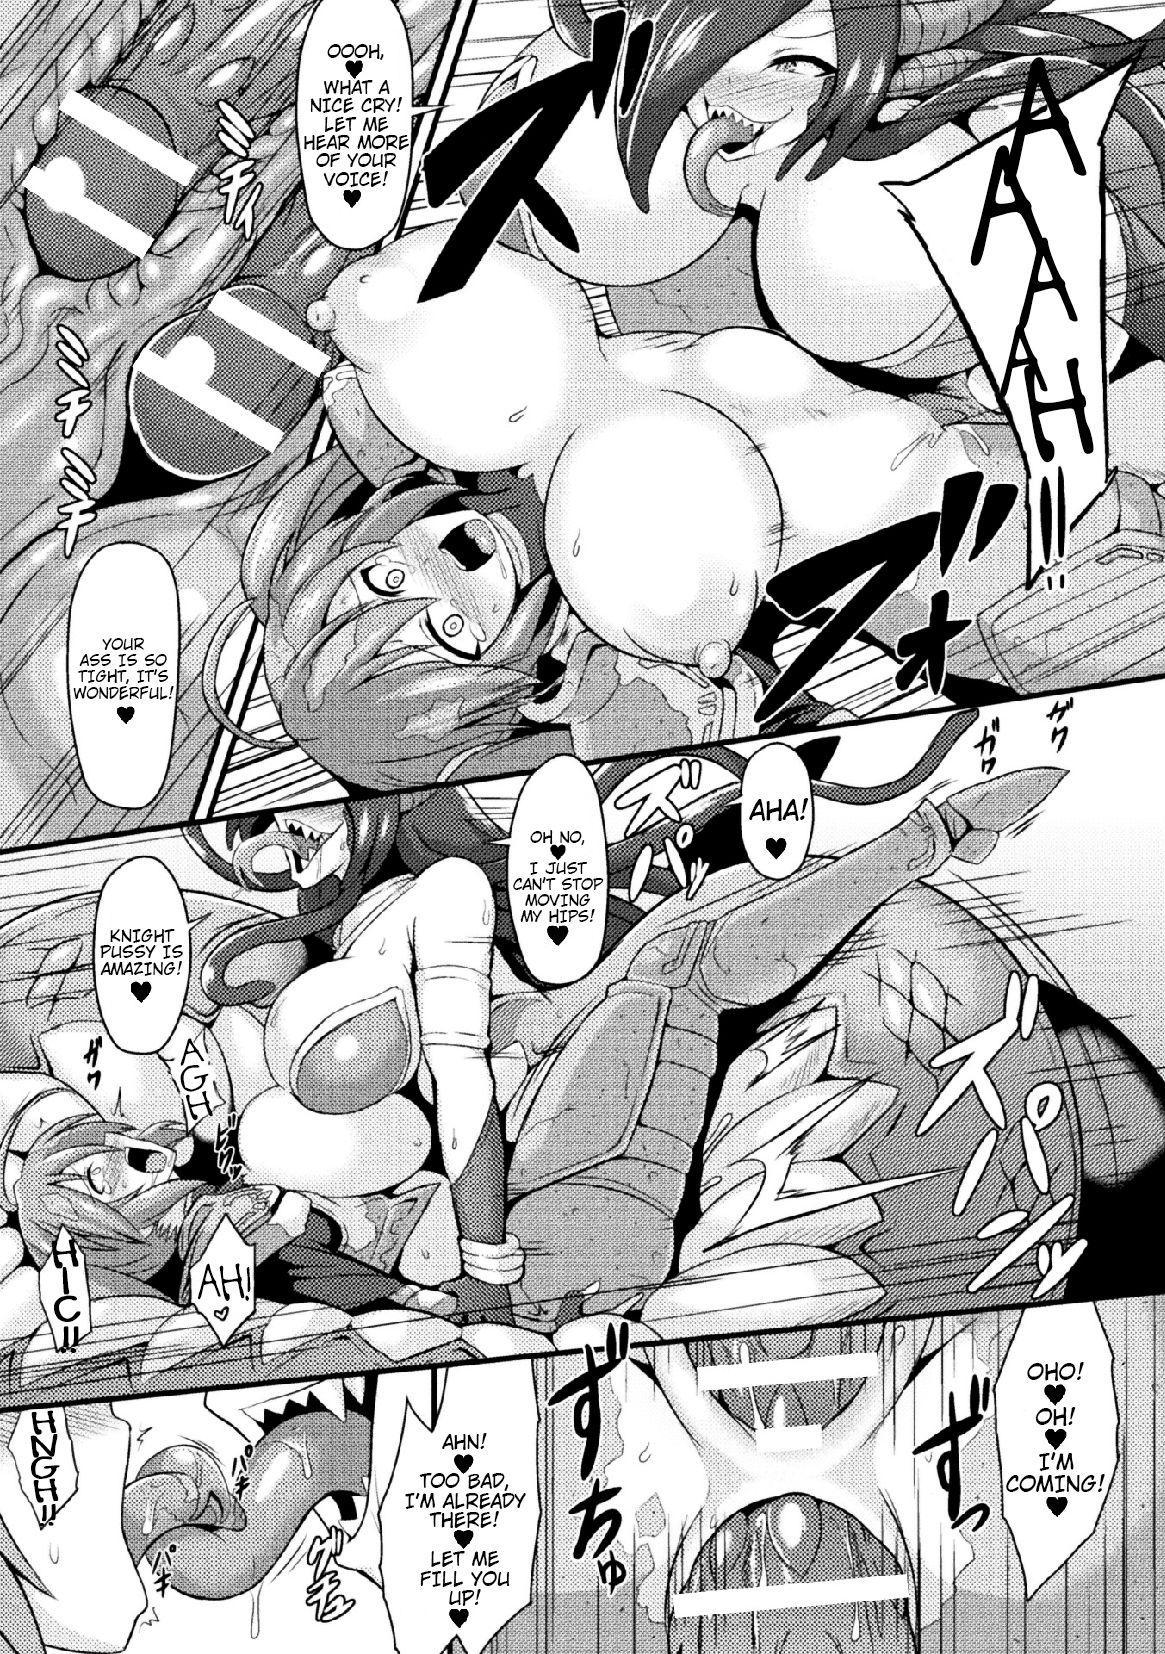 Medusa no Shinjitsu 12